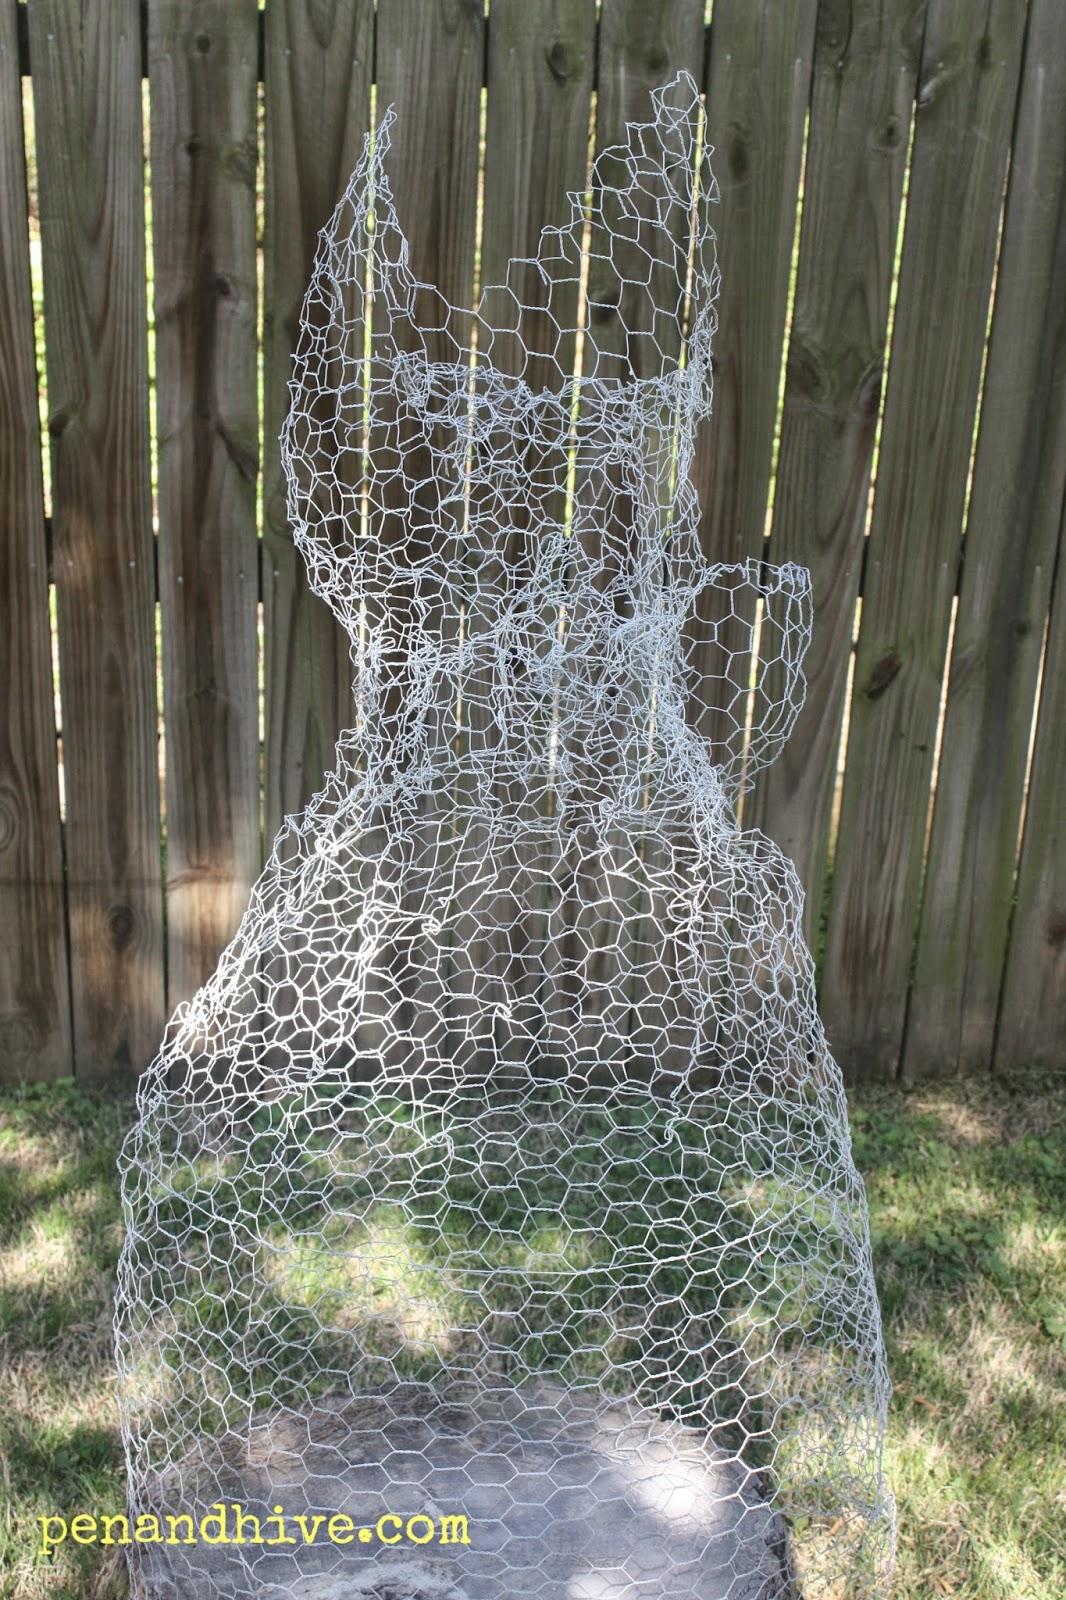 Chicken wire garden art bing images for Chicken wire sculptures uk